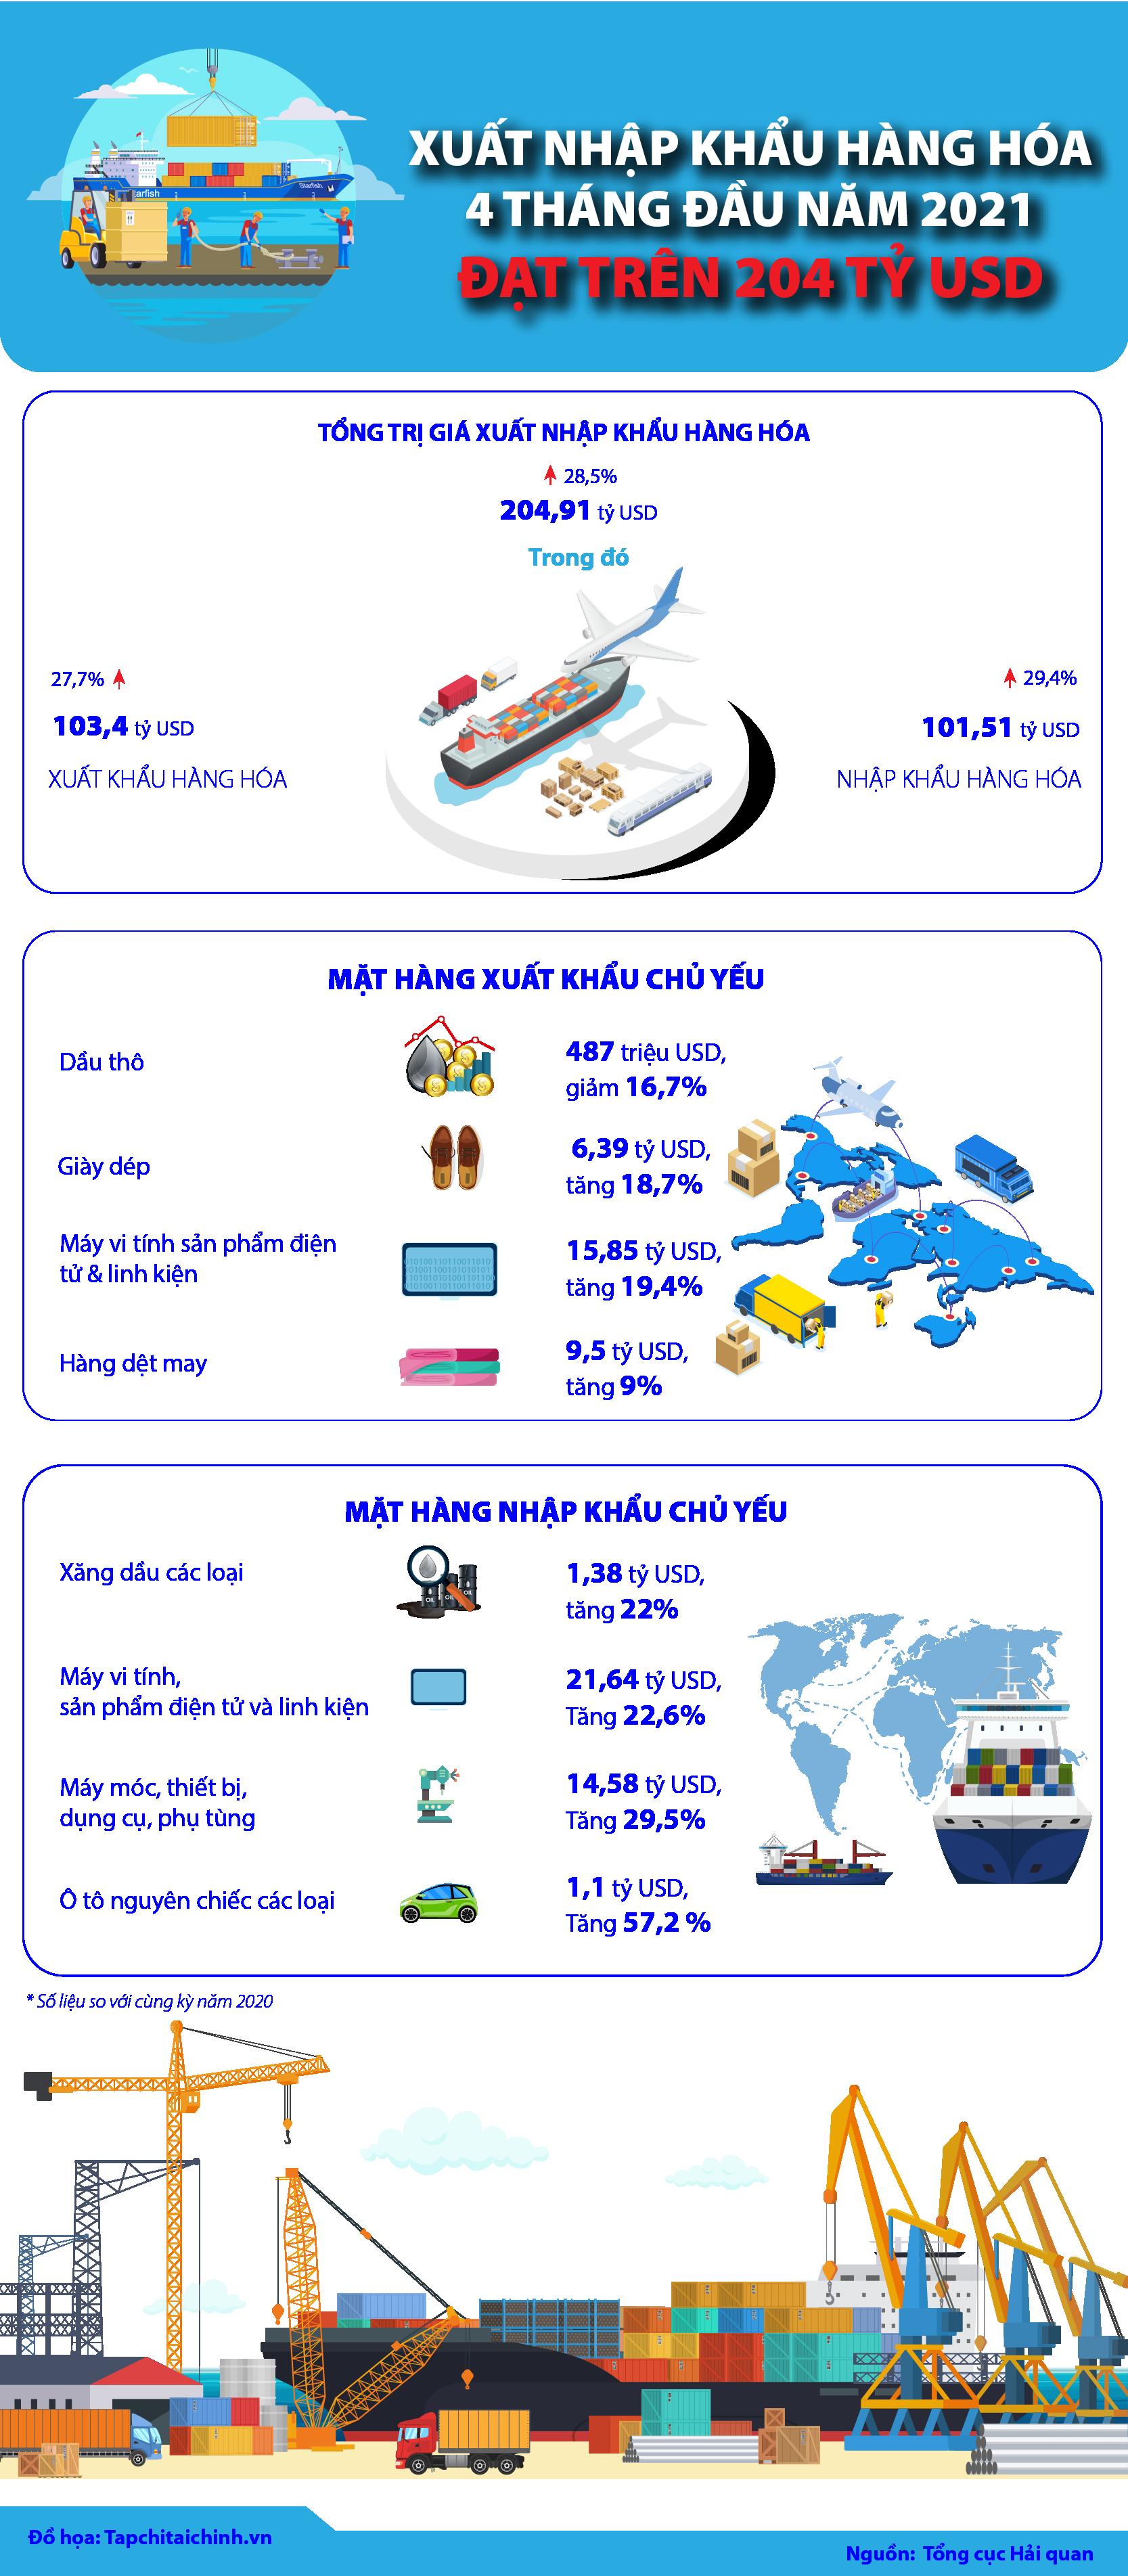 [Infographics] Xuất nhập khẩu hàng hóa 4 tháng đầu năm 2021 đạt trên 204 tỷ USD - Ảnh 1